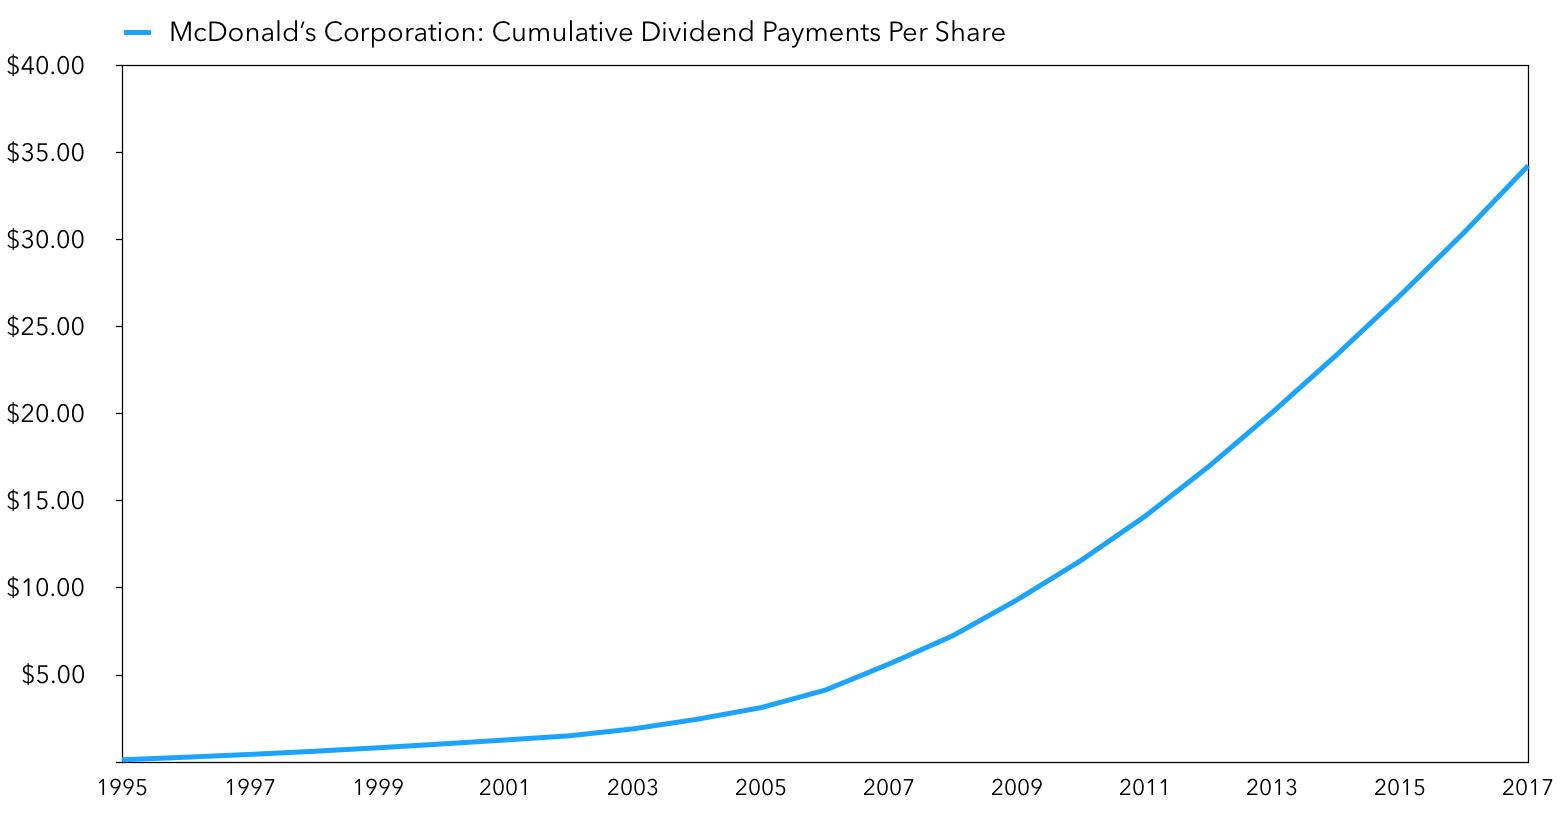 Buffett & McDonald's: Cumulative Dividends Since 1995